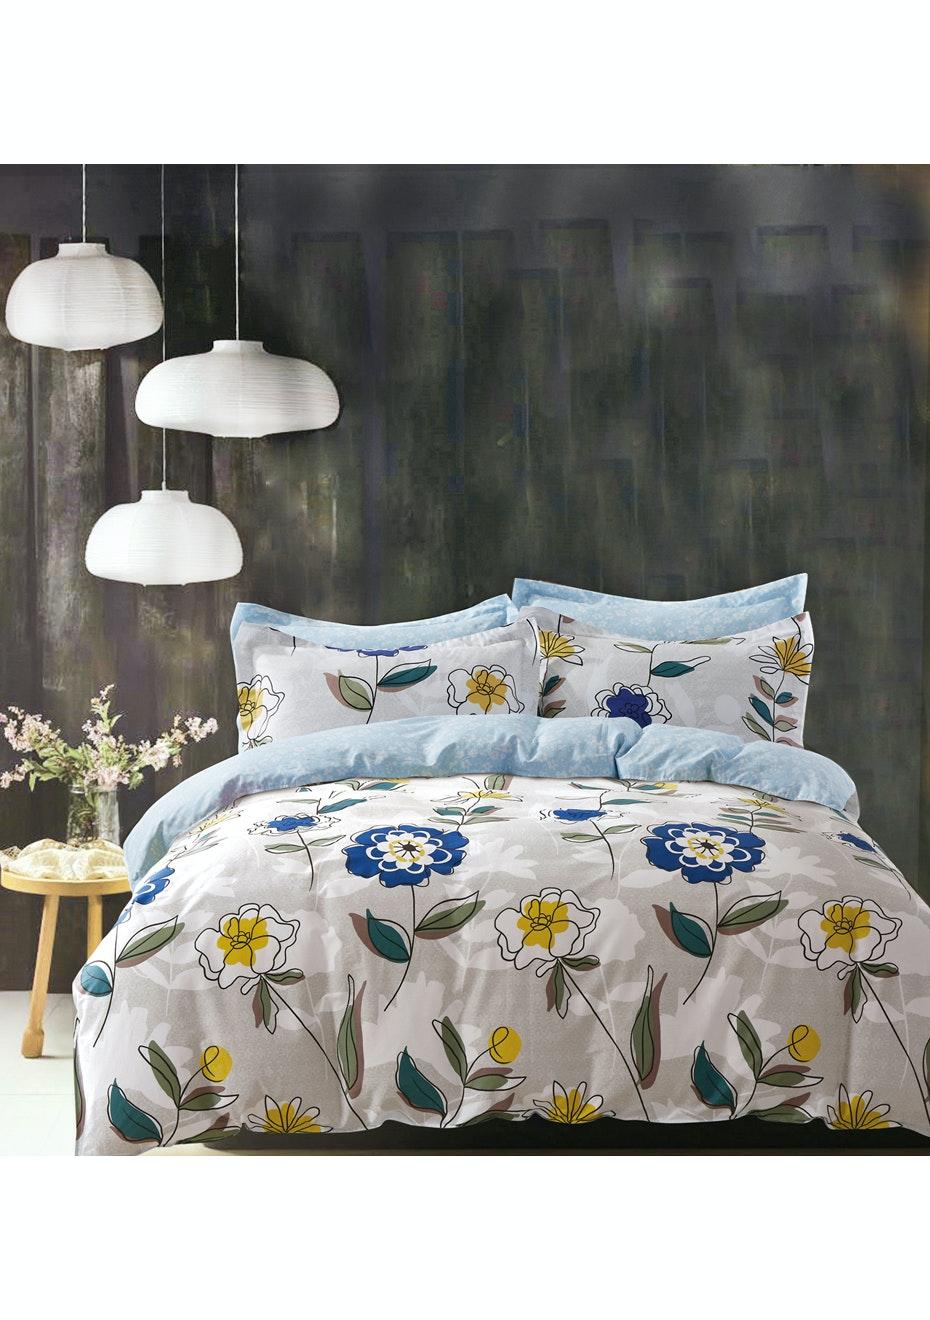 Jillian Quilt Cover Set - Reversible Design - 100% Cotton Double Bed